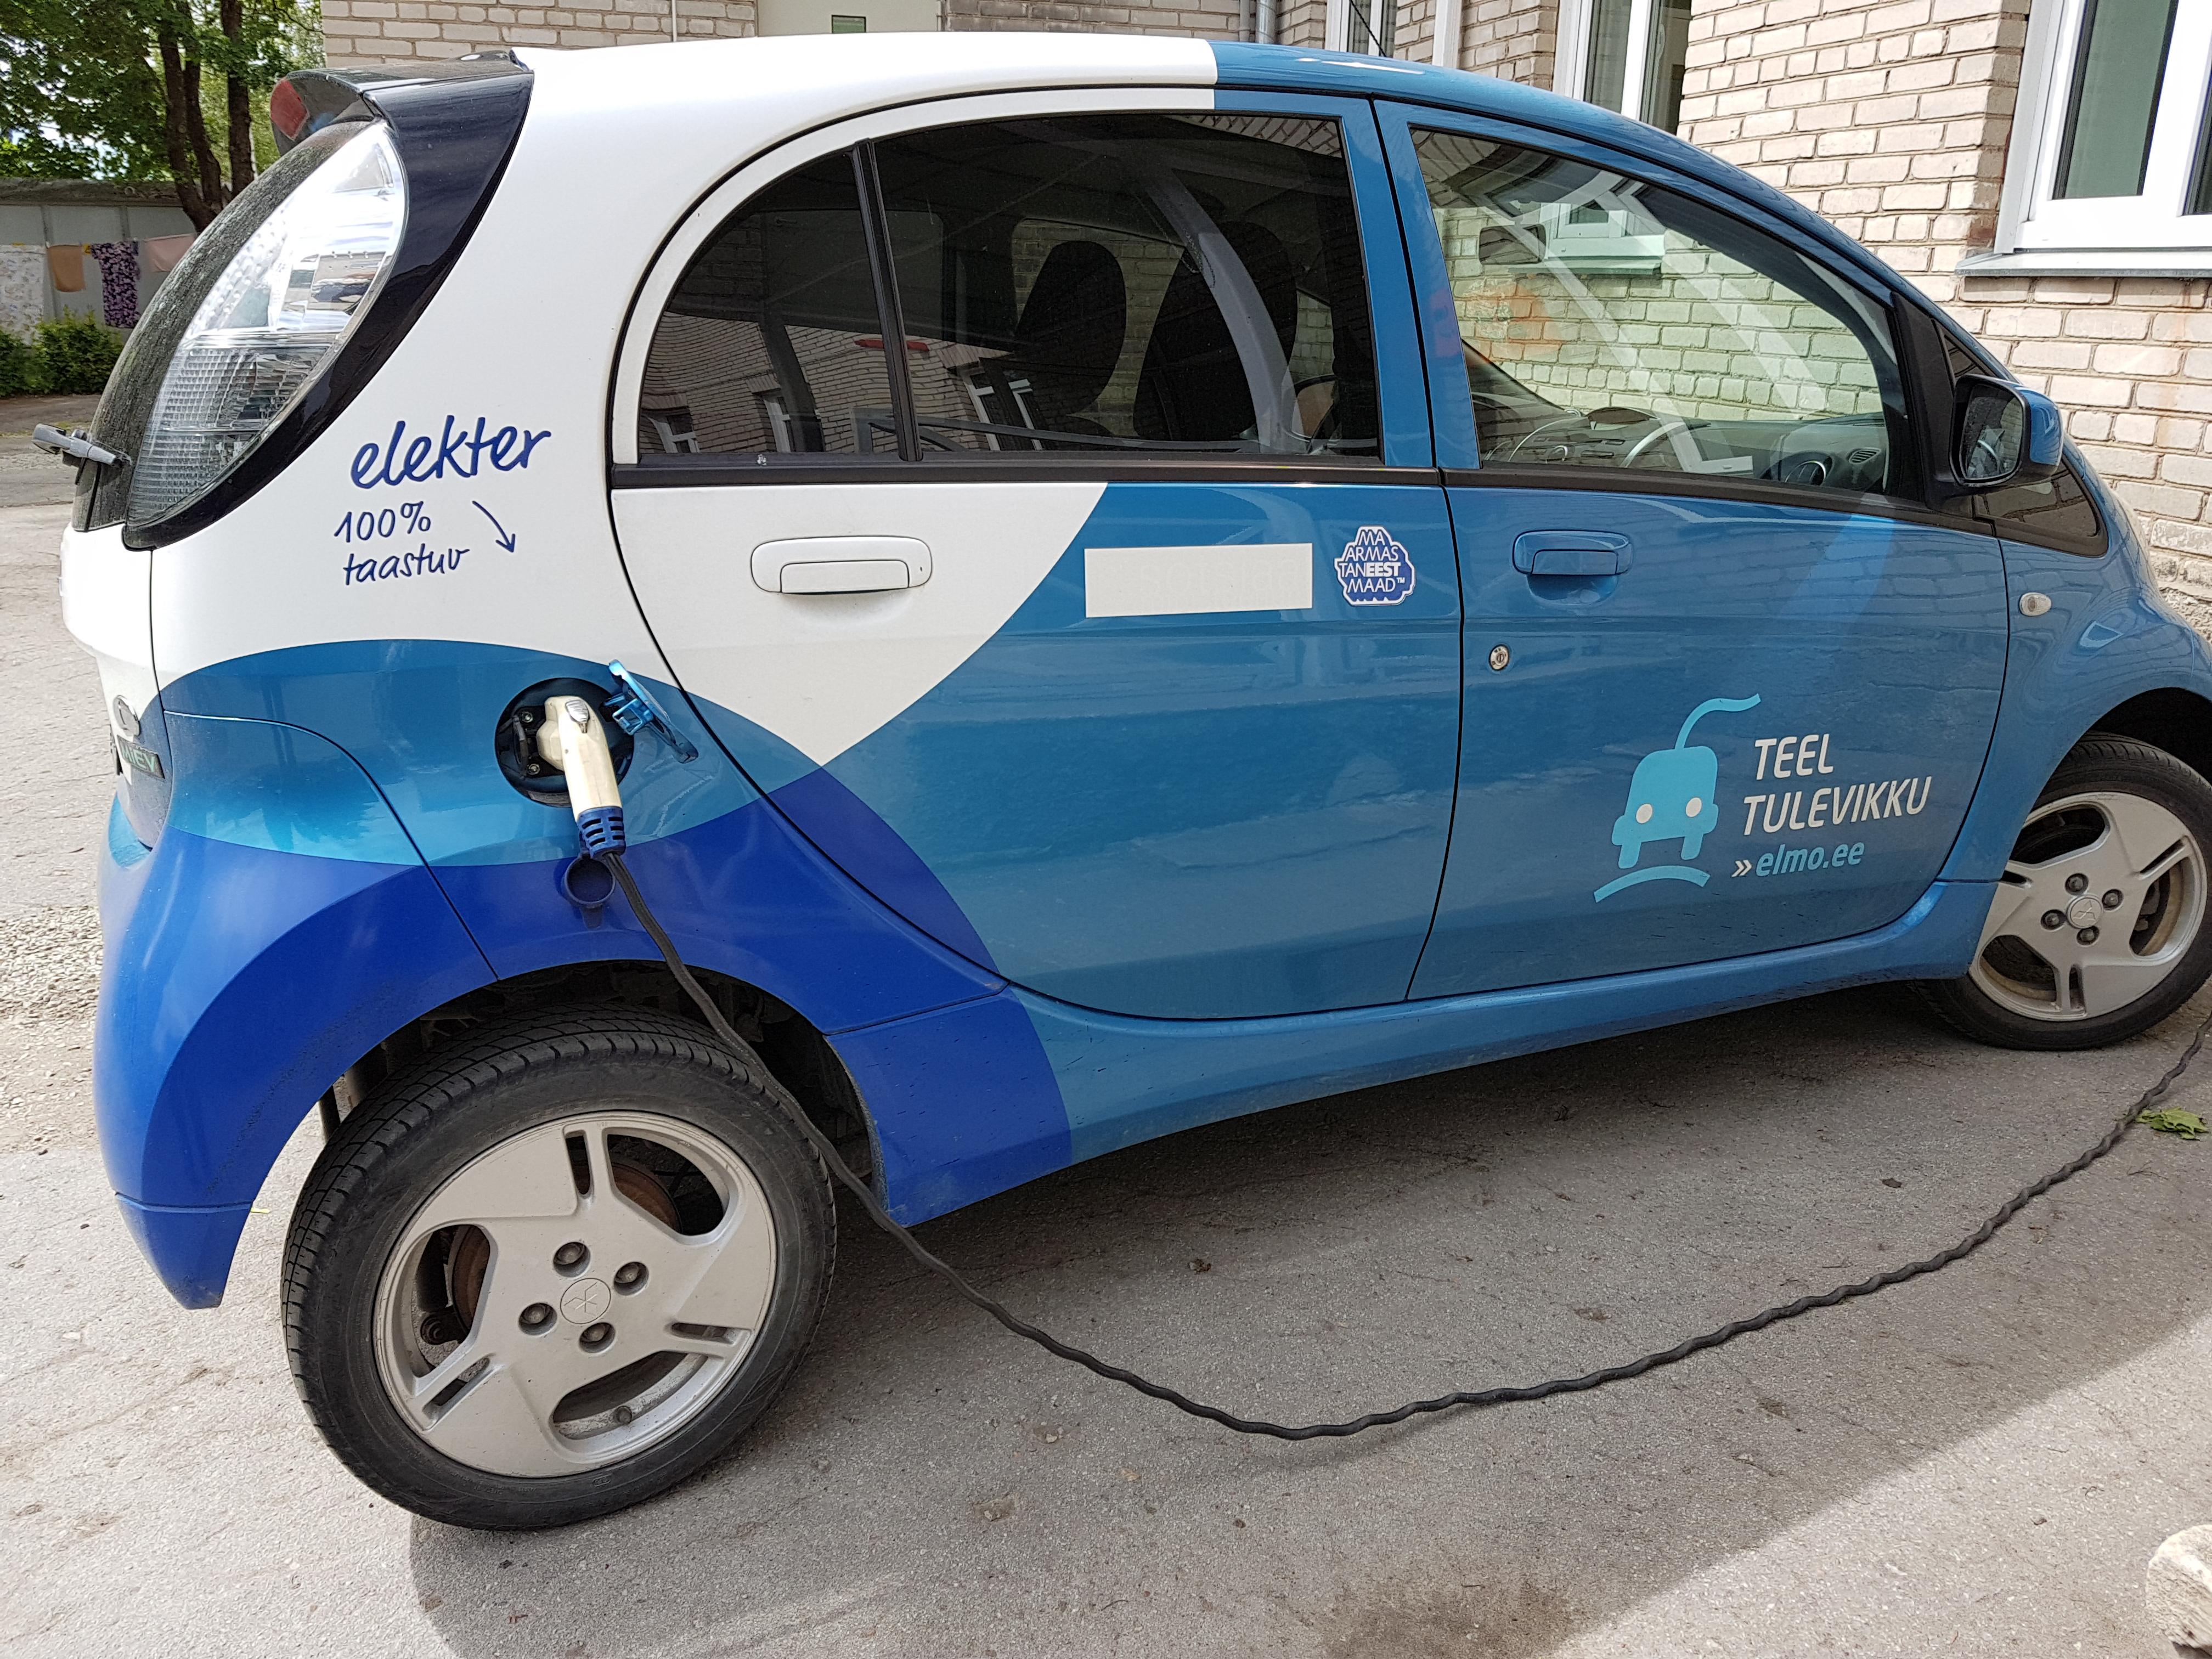 Mõnikord näeb Tapa vallas ka elektriautot. Elektriauto laadimas AS Hoolekandeteenuste Tapa Põllu kodu ees. Pildistas Katrin Jõgisaar, Bioneer